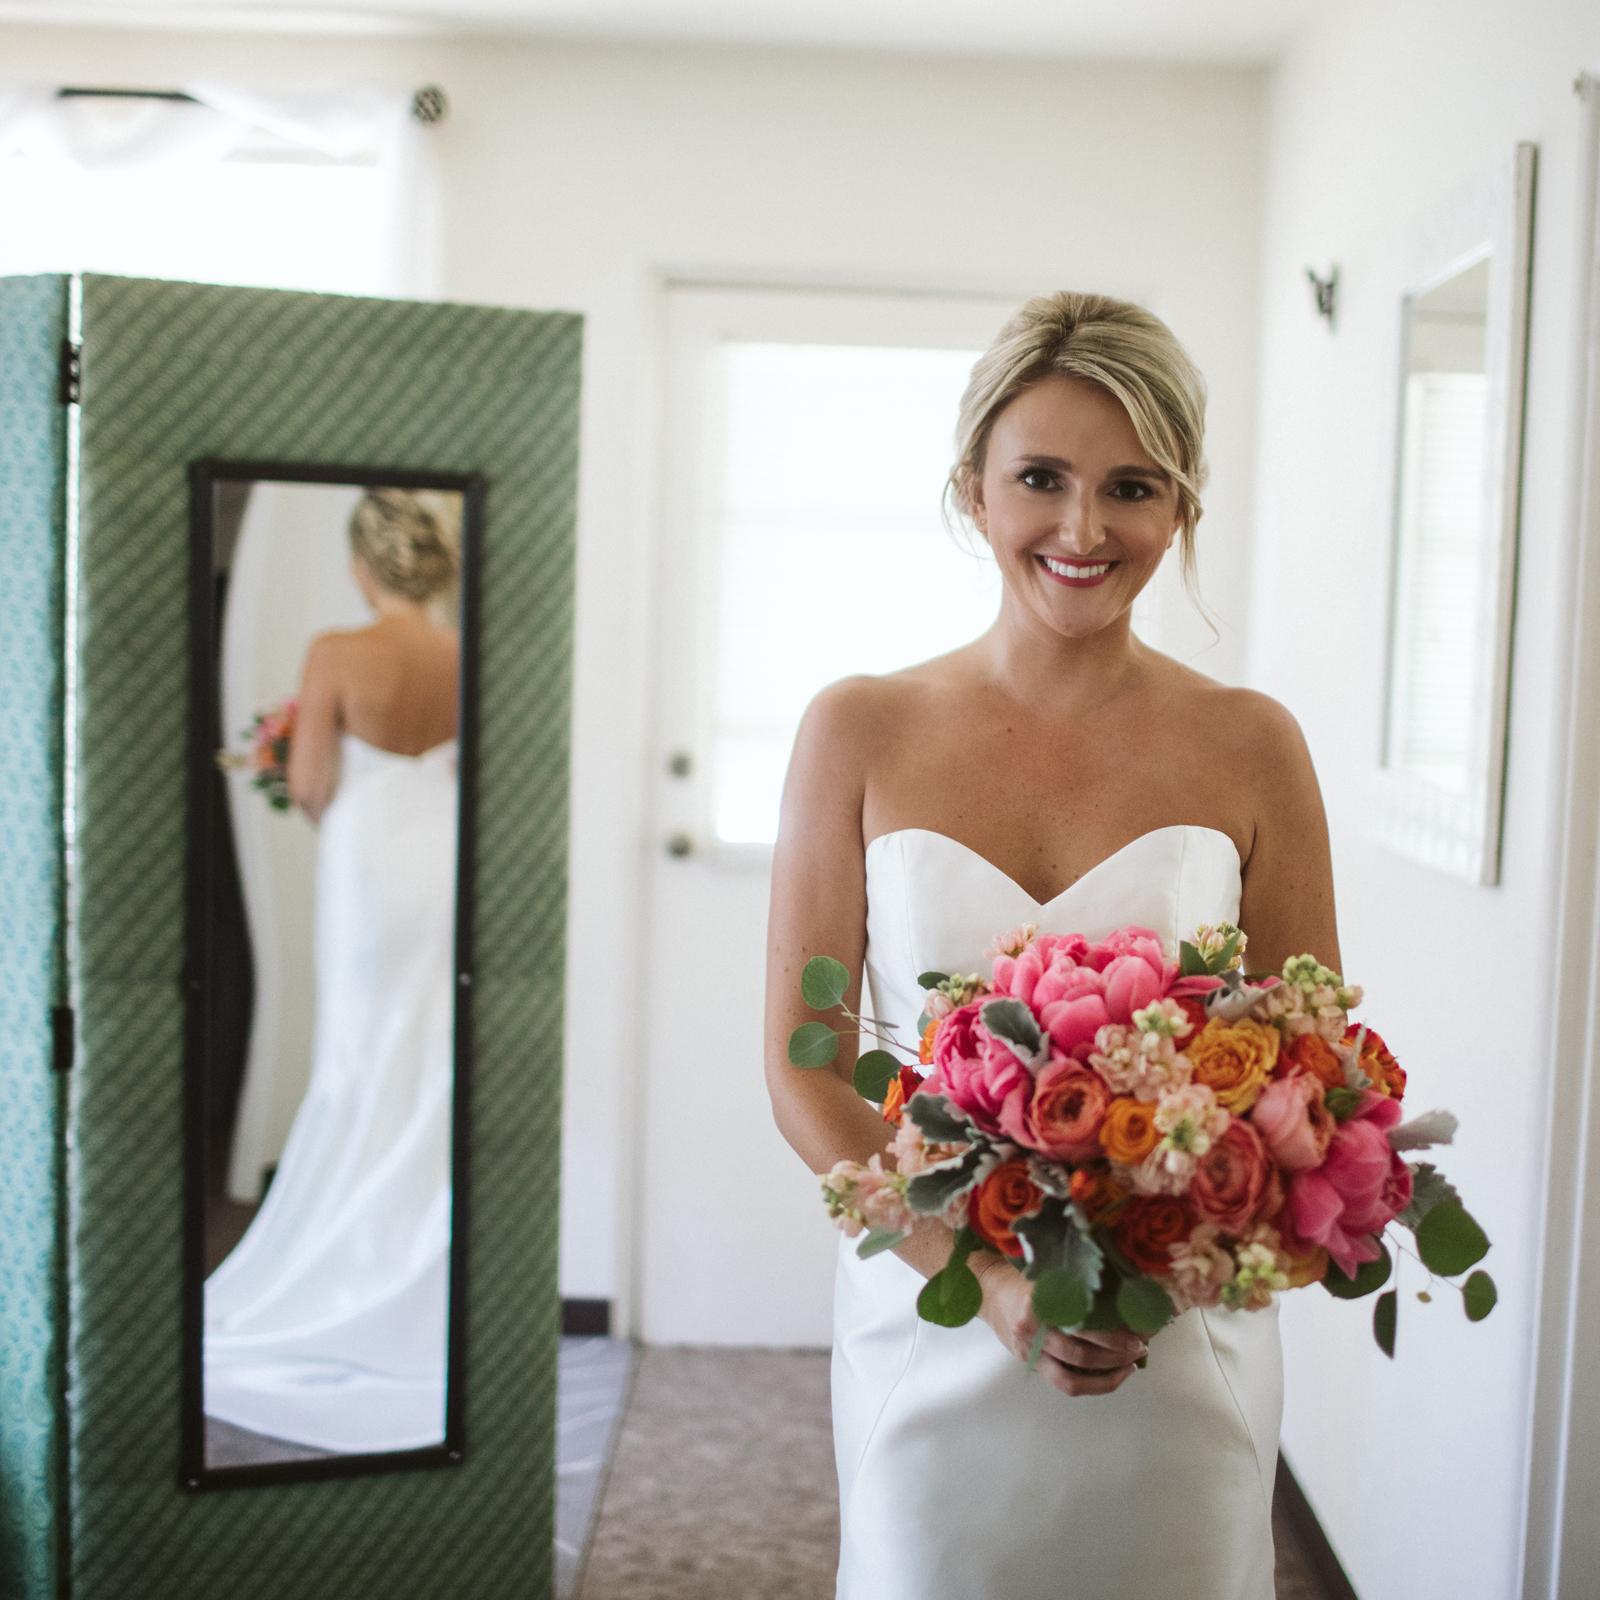 012-daronjackson-gabby-alec-wedding.jpg